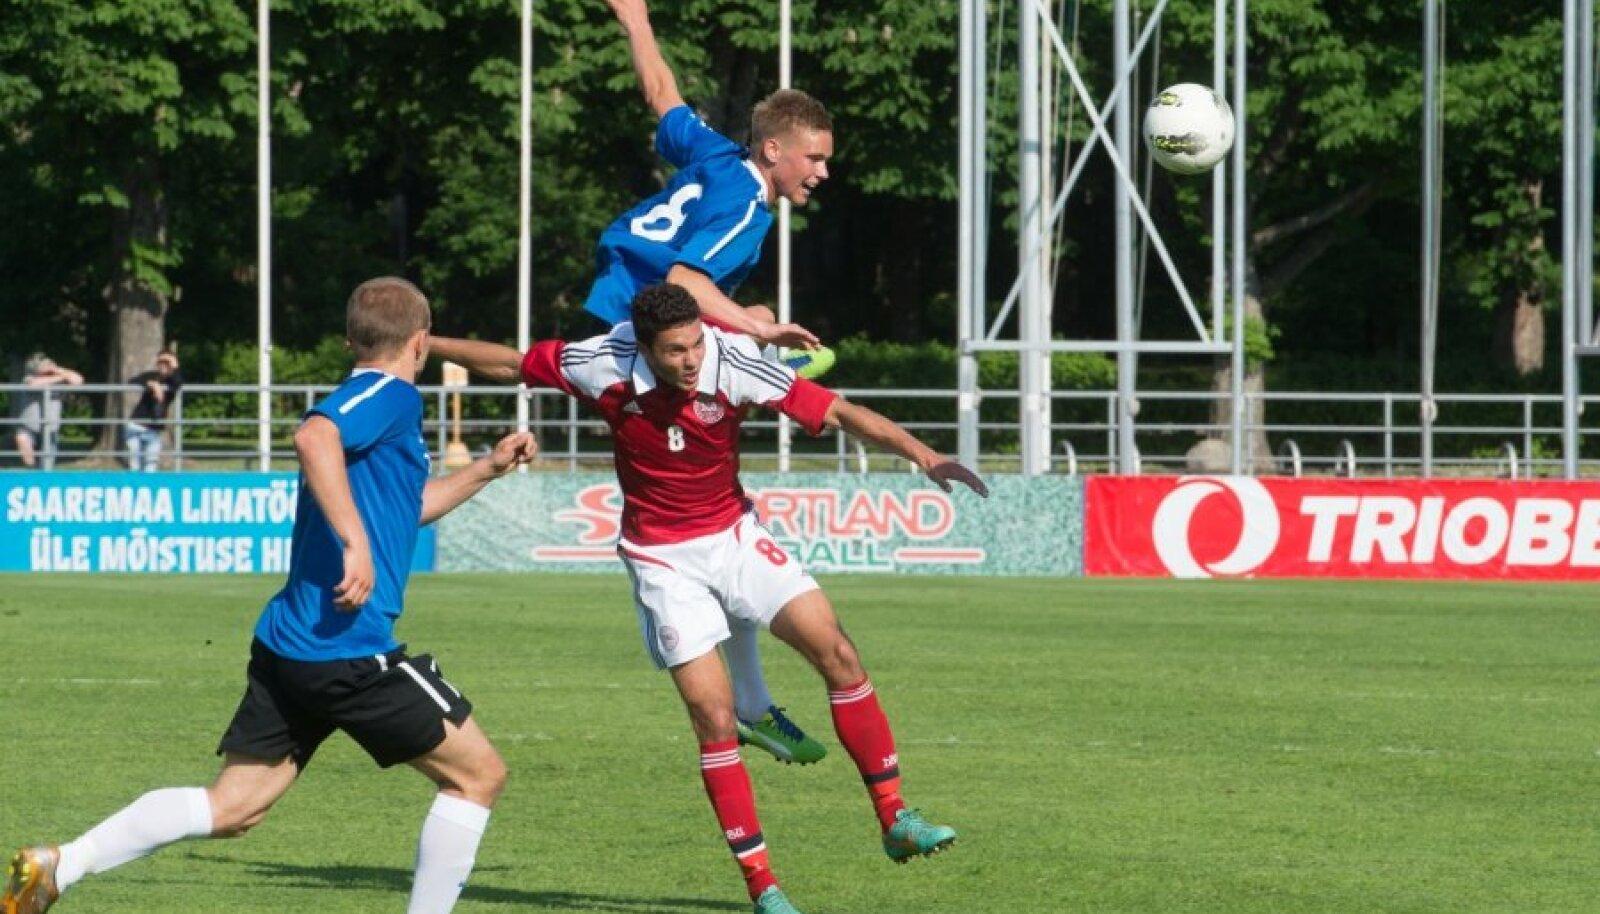 Eesti - Taani U21 valikmäng Kadrioru staadionil.